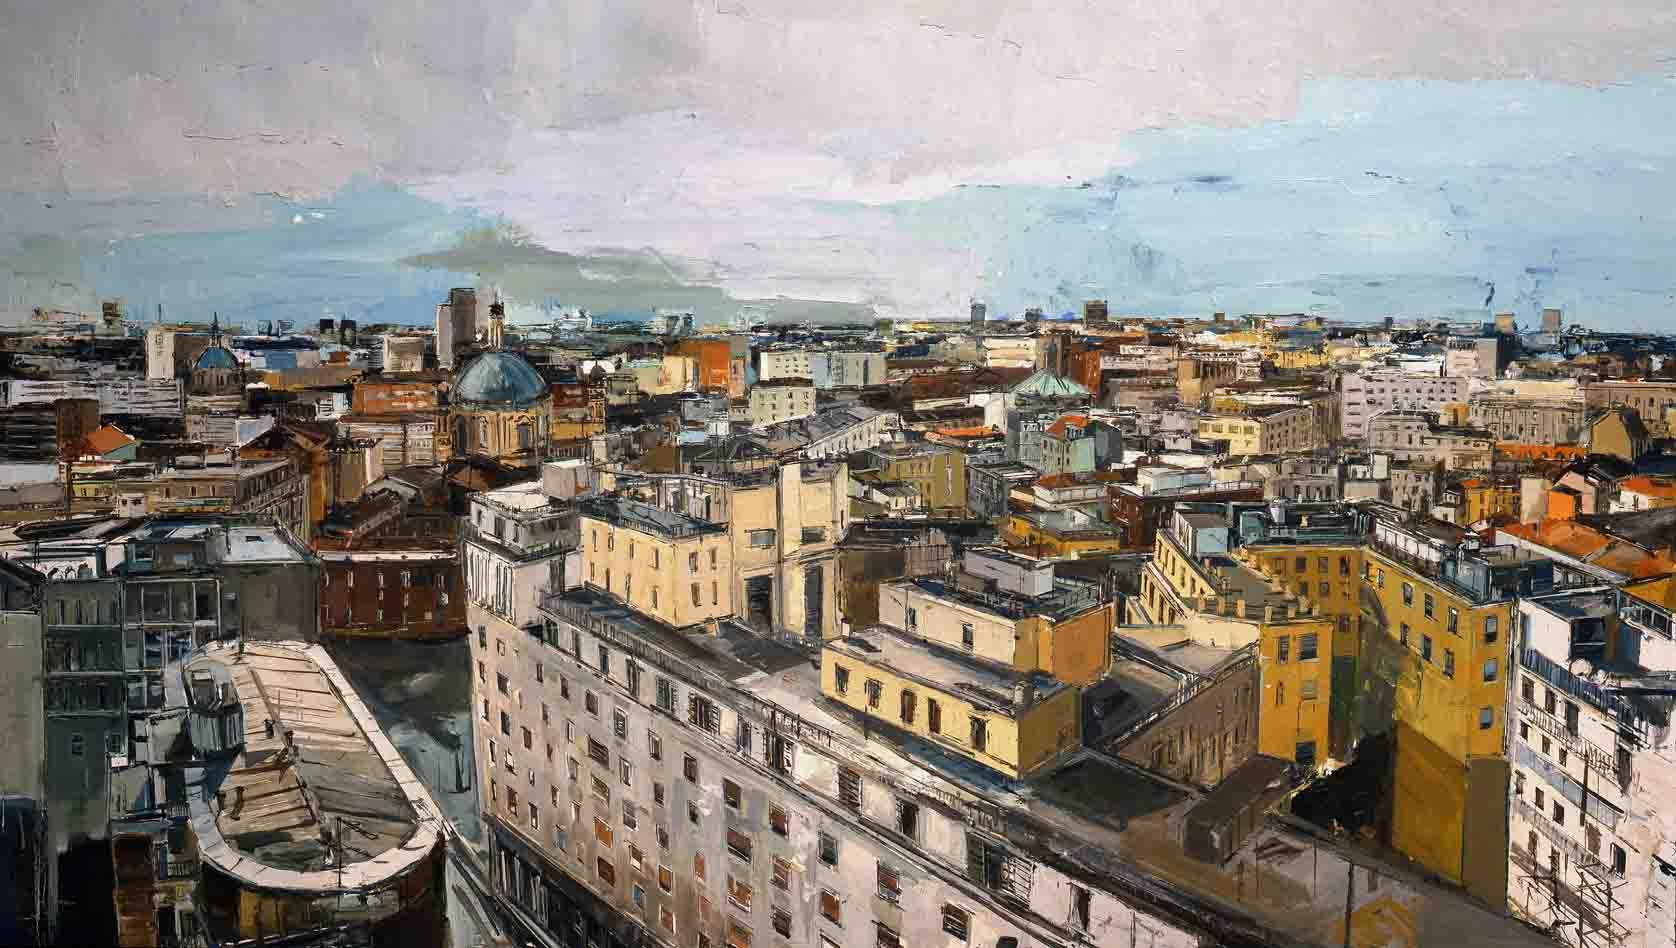 M. Previtali, Milano, olio su tela, 224x120, 2013